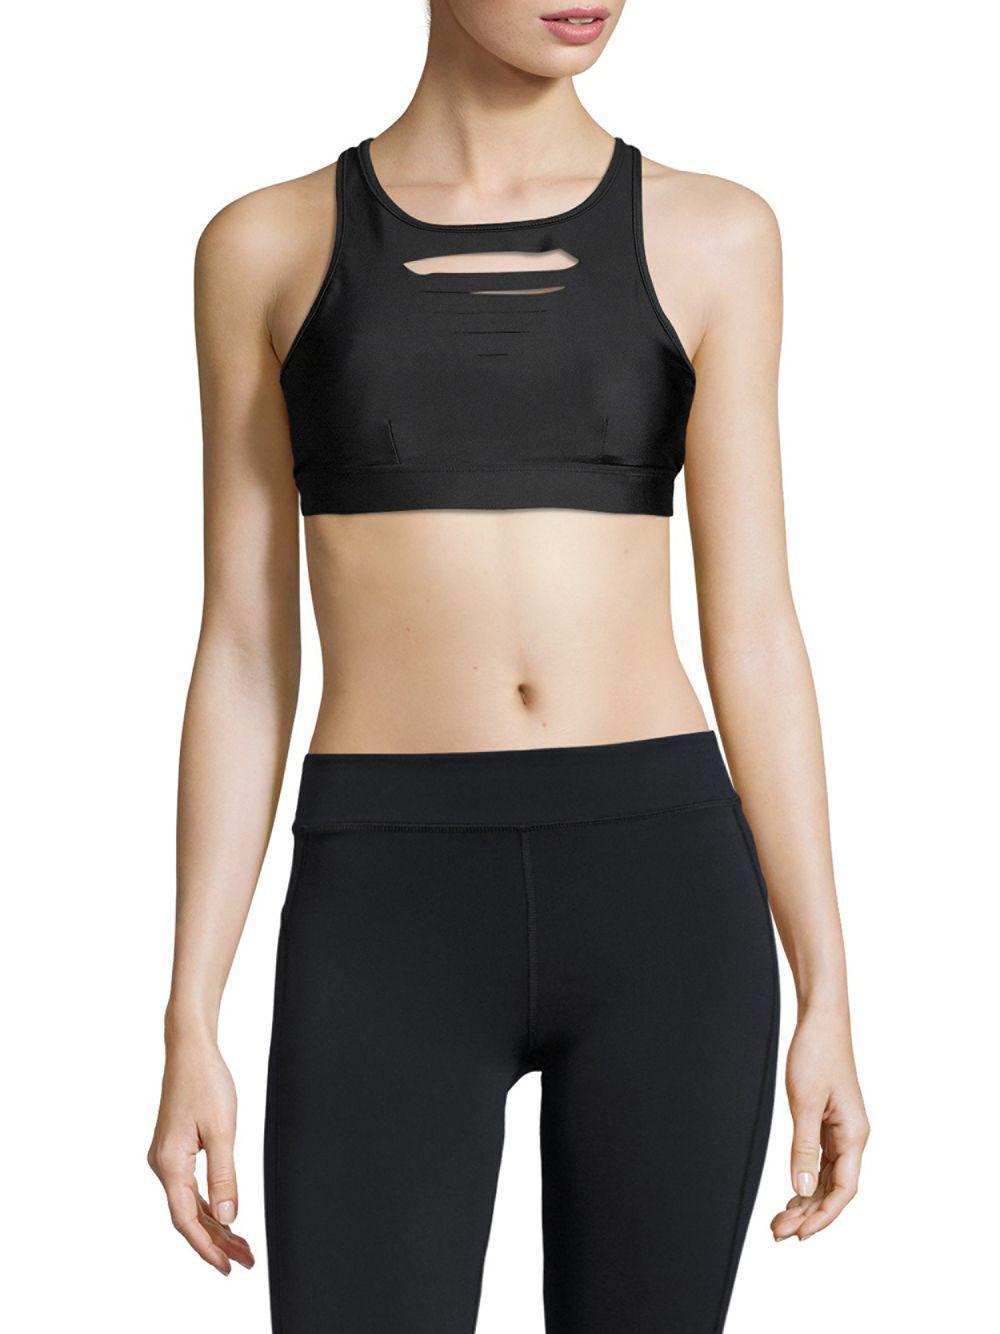 724bab7f9b0ed Electric Yoga Cut-out Sports Bra in Black - Save 25% - Lyst